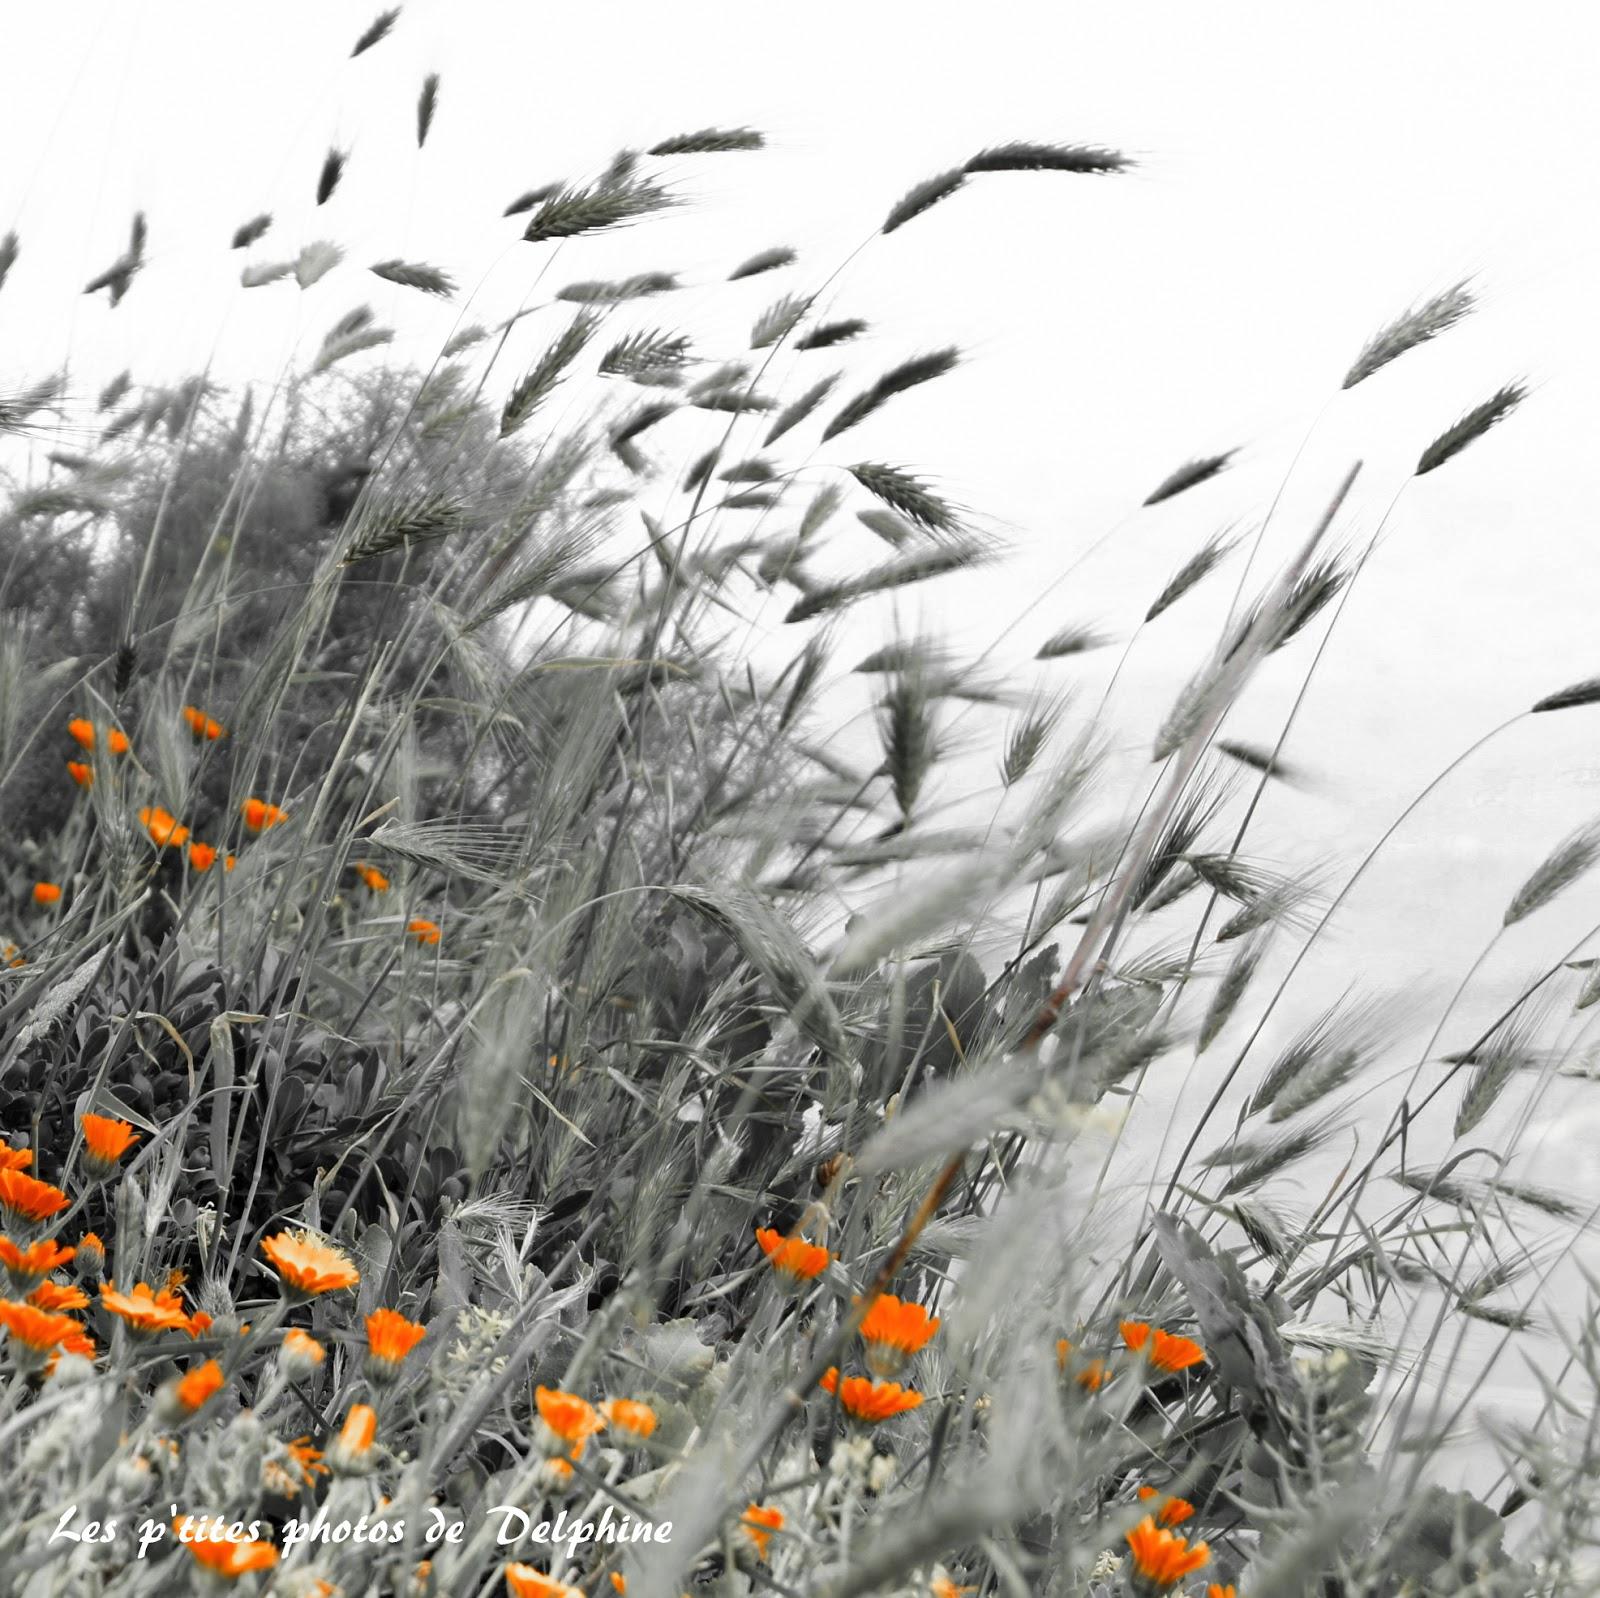 Les p 39 tites photos de delphine avril fleurs des champs en noir et blanc - Fleurs des champs blanches ...